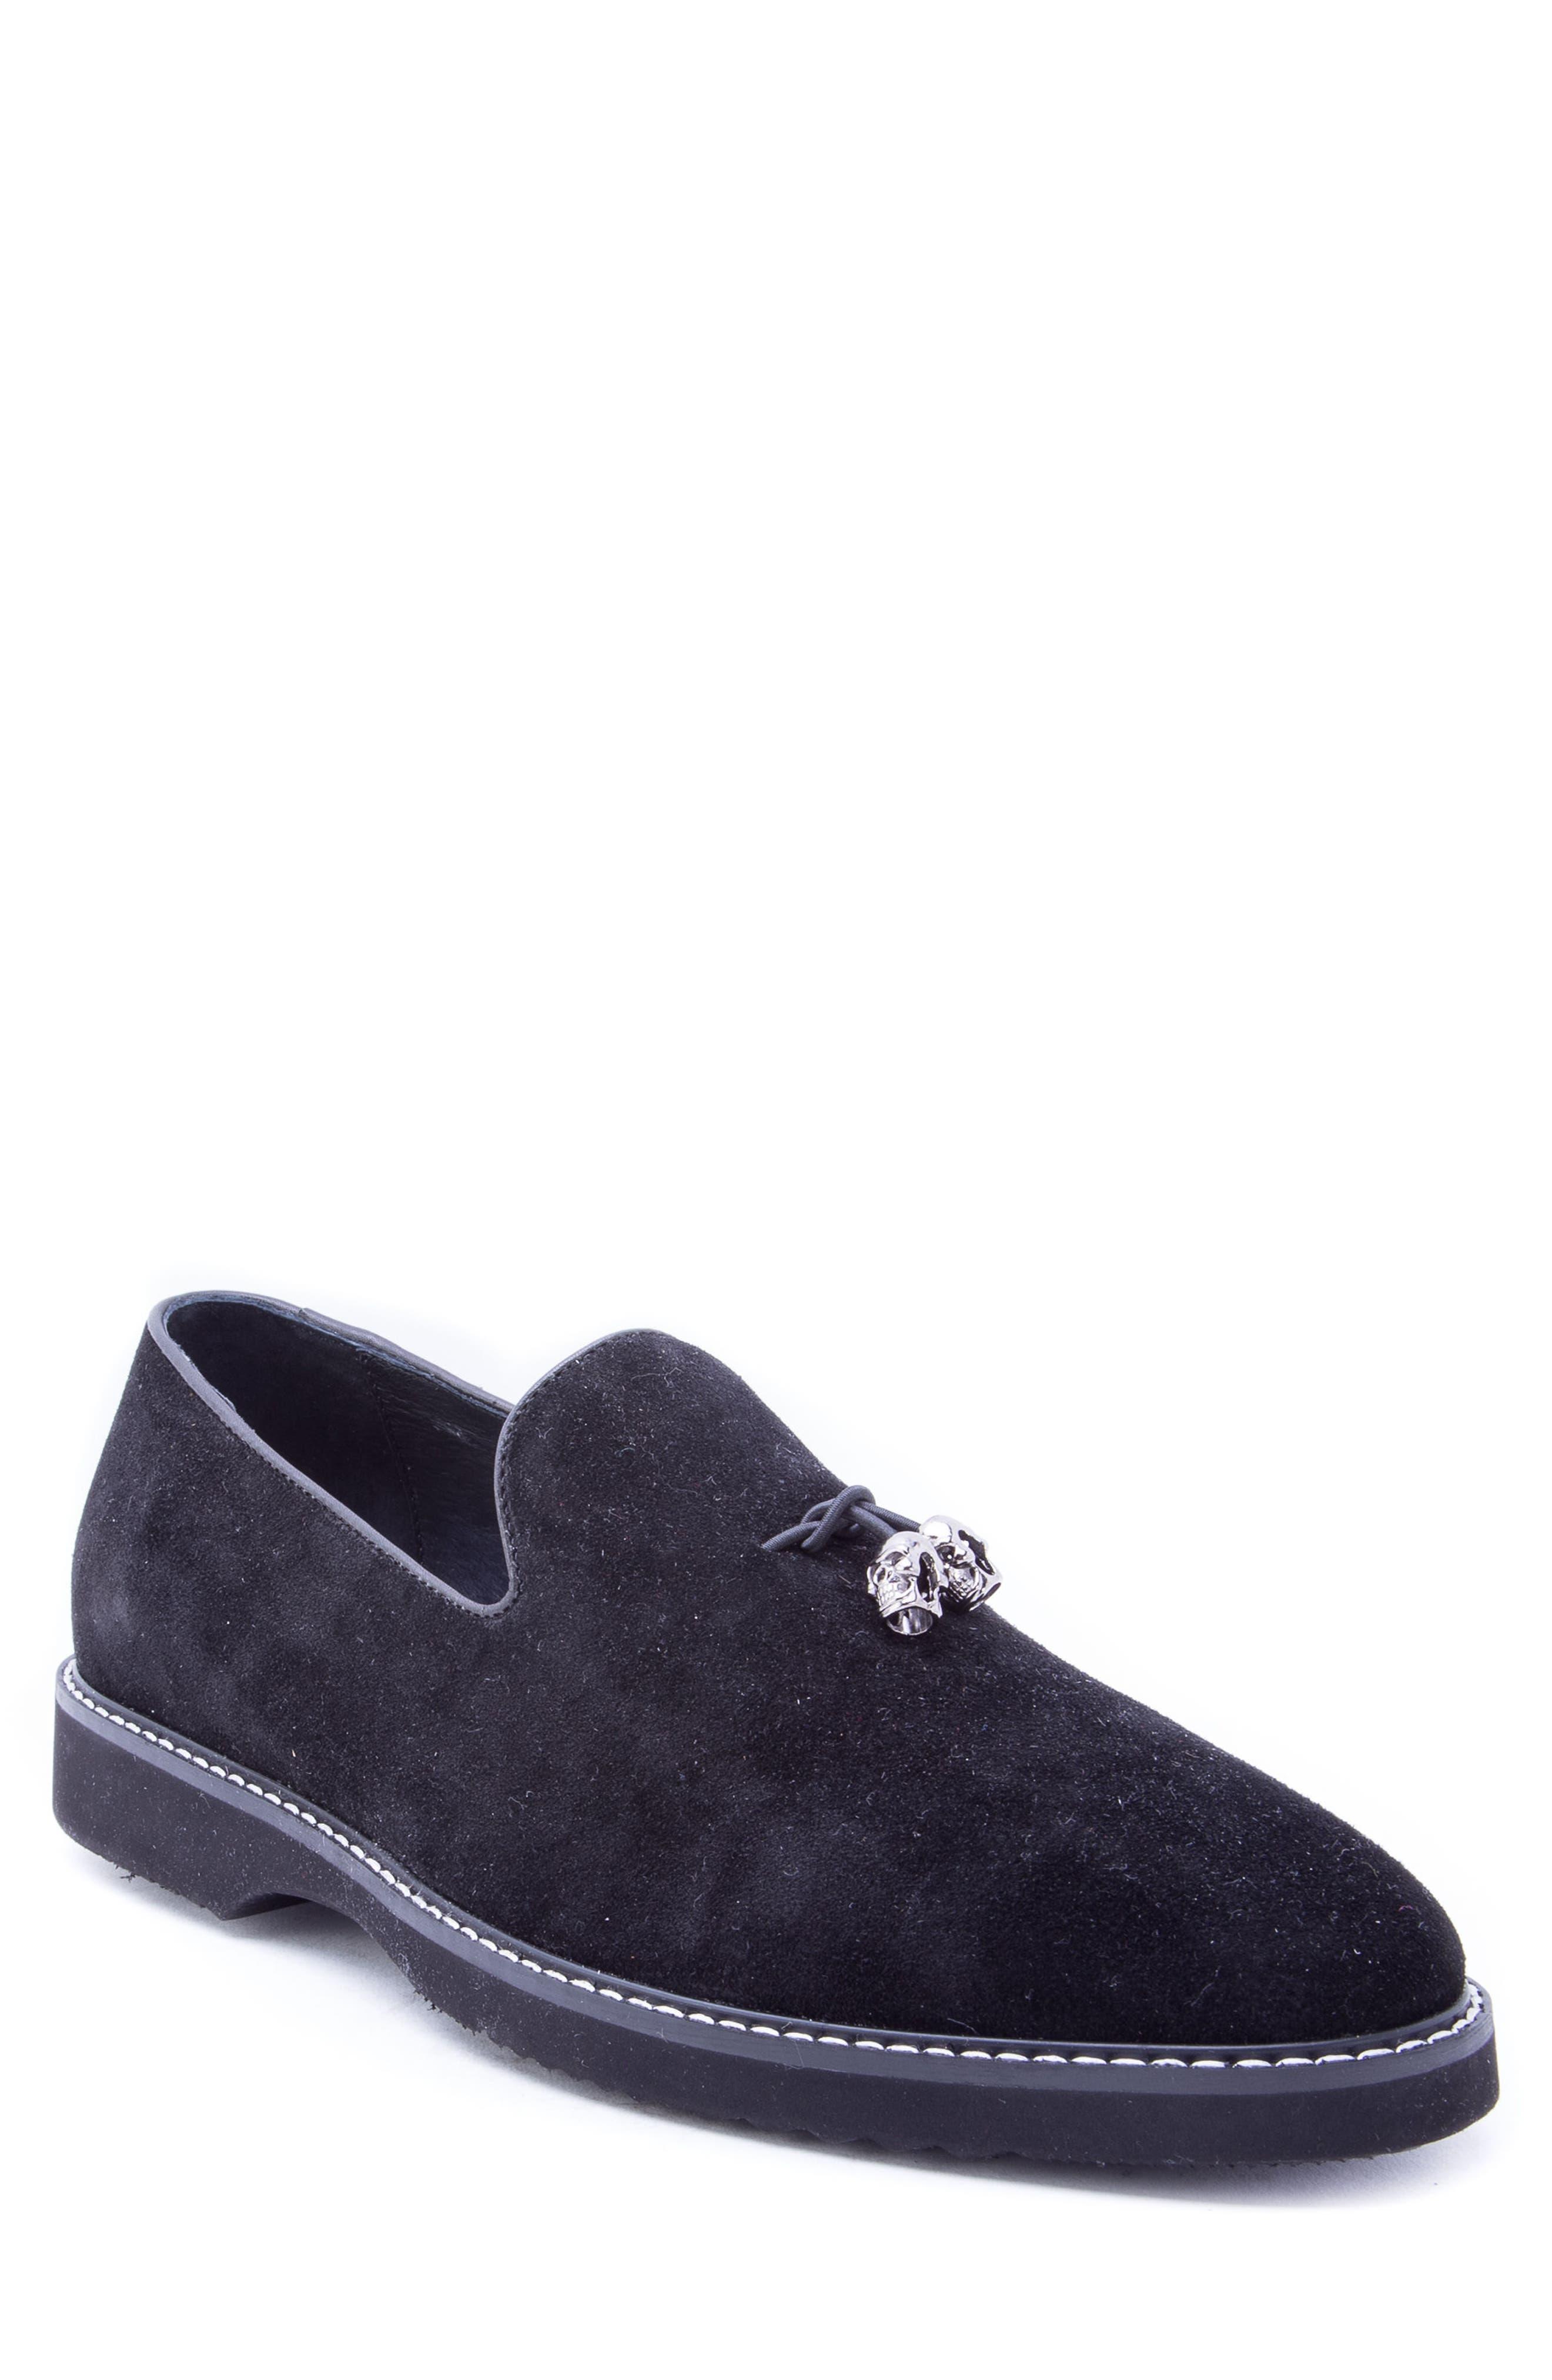 Heston Tassel Loafer,                         Main,                         color, BLACK SUEDE